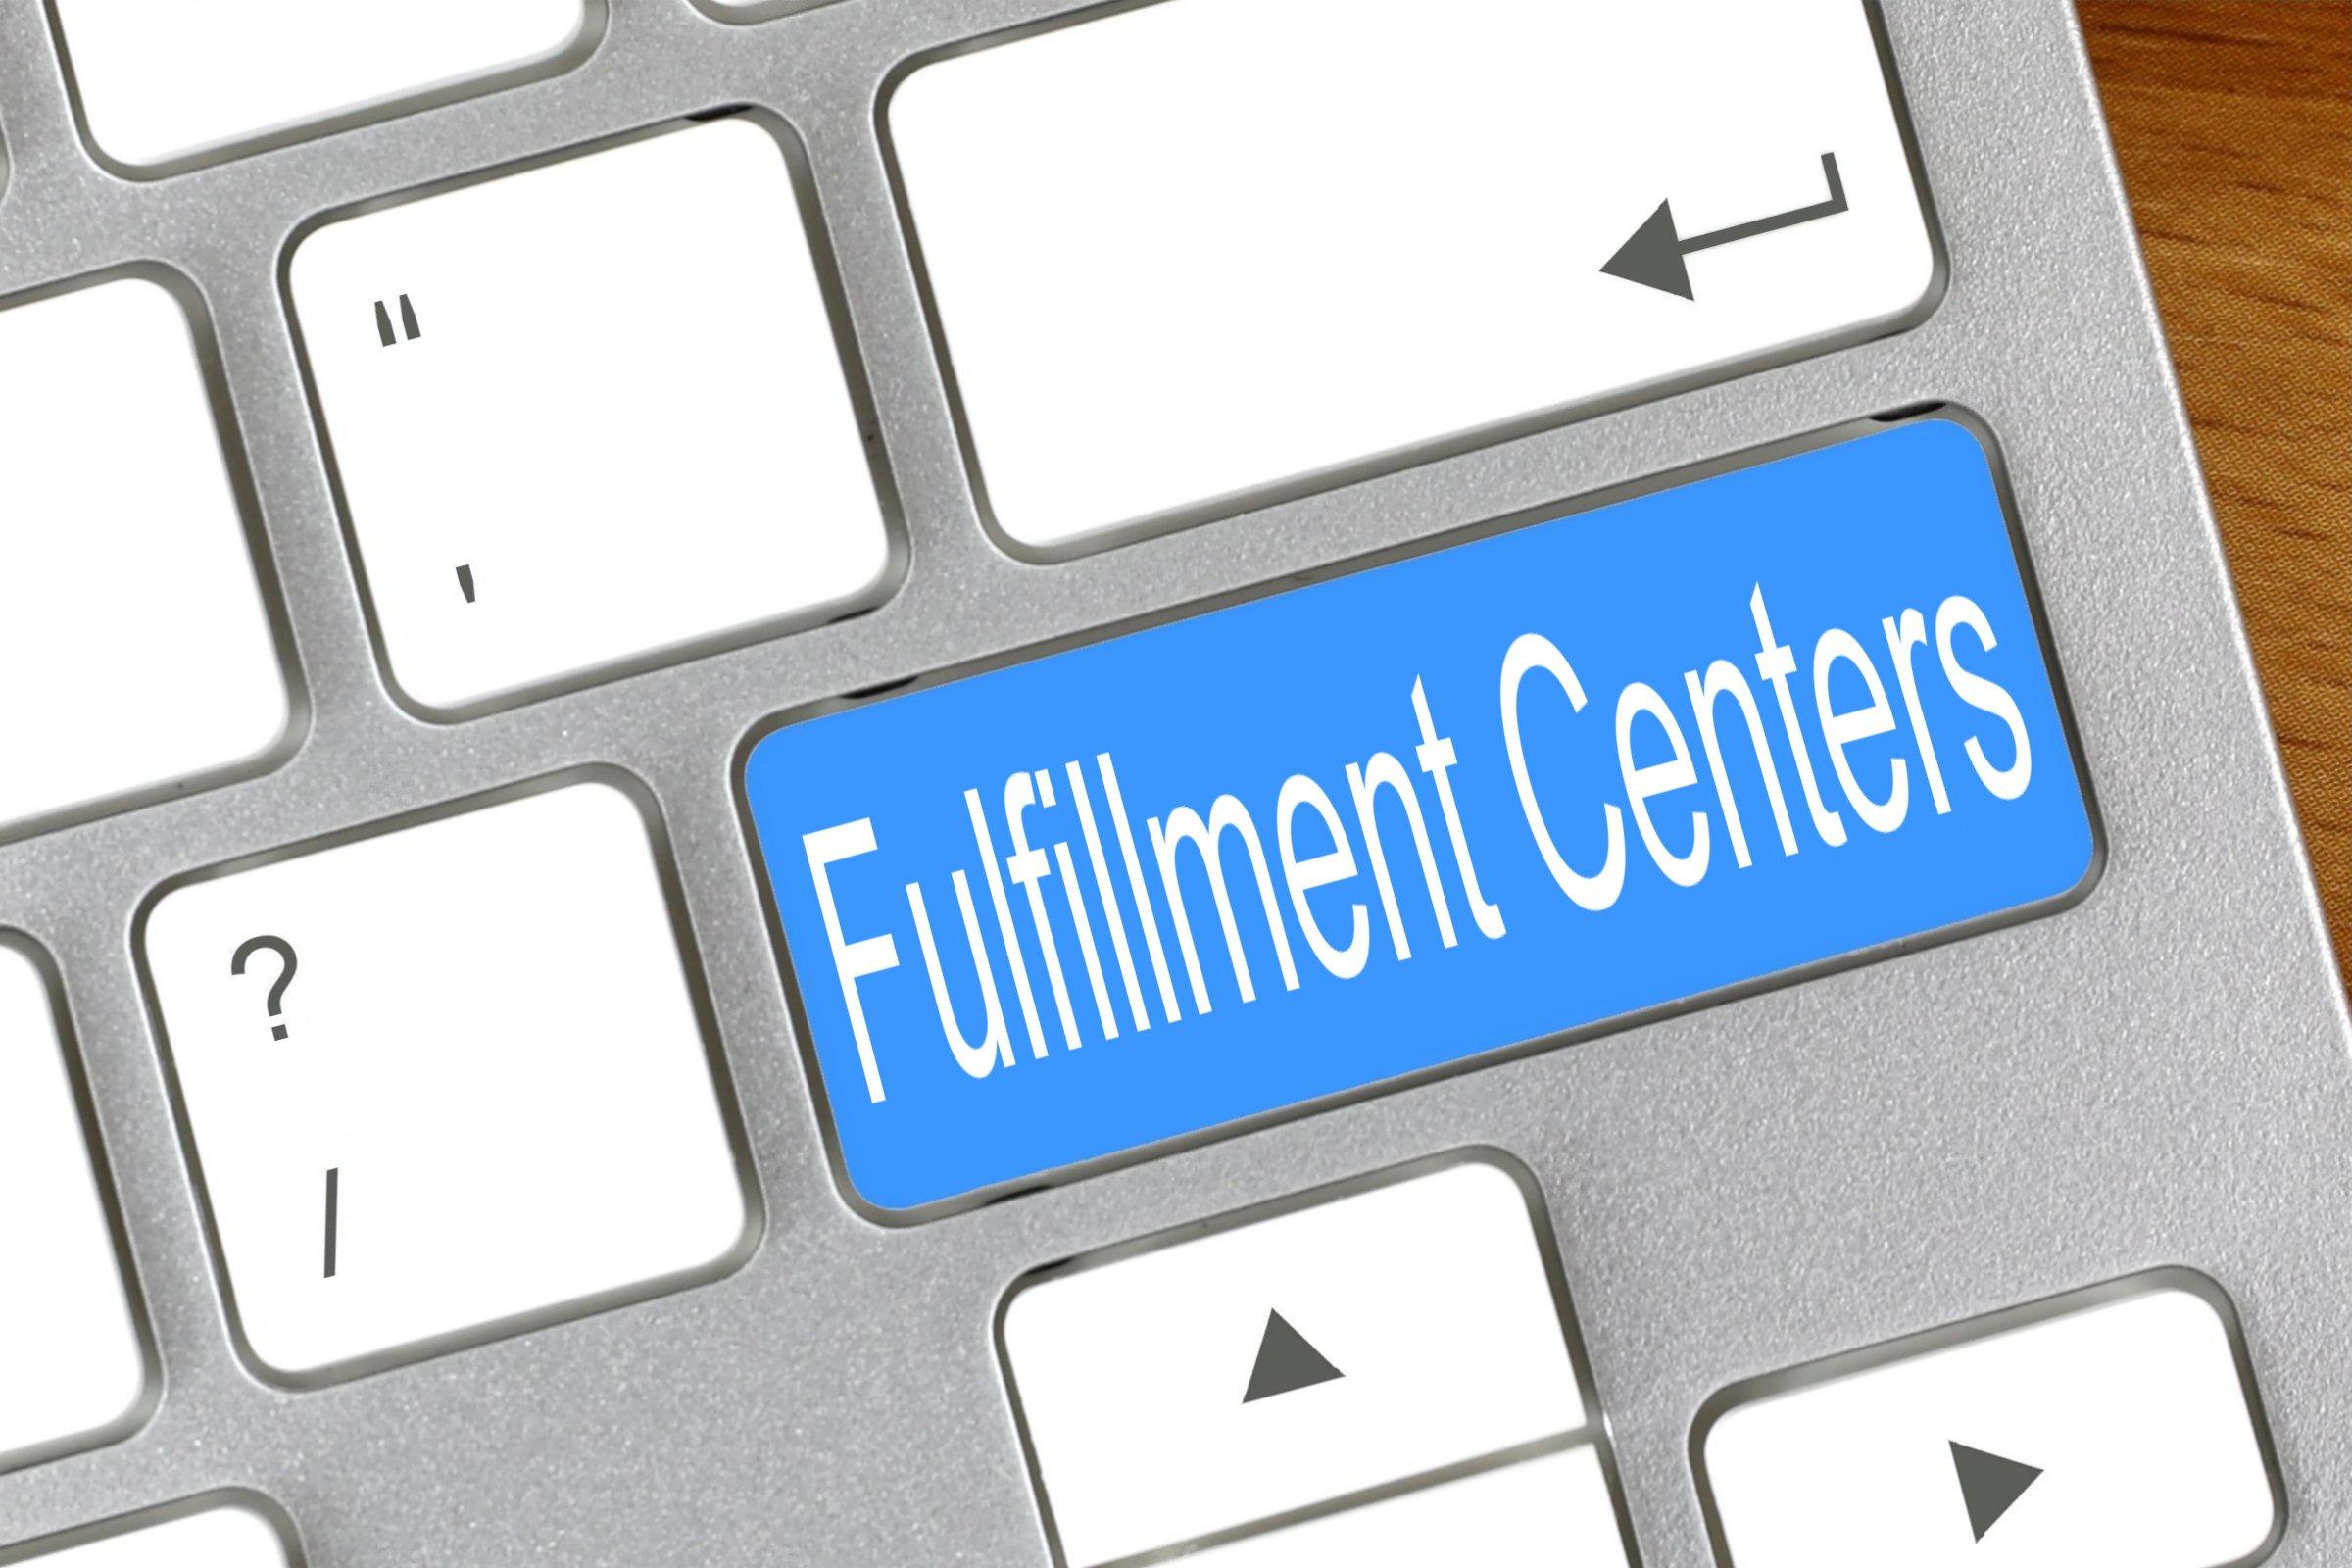 Fulfillment Centers